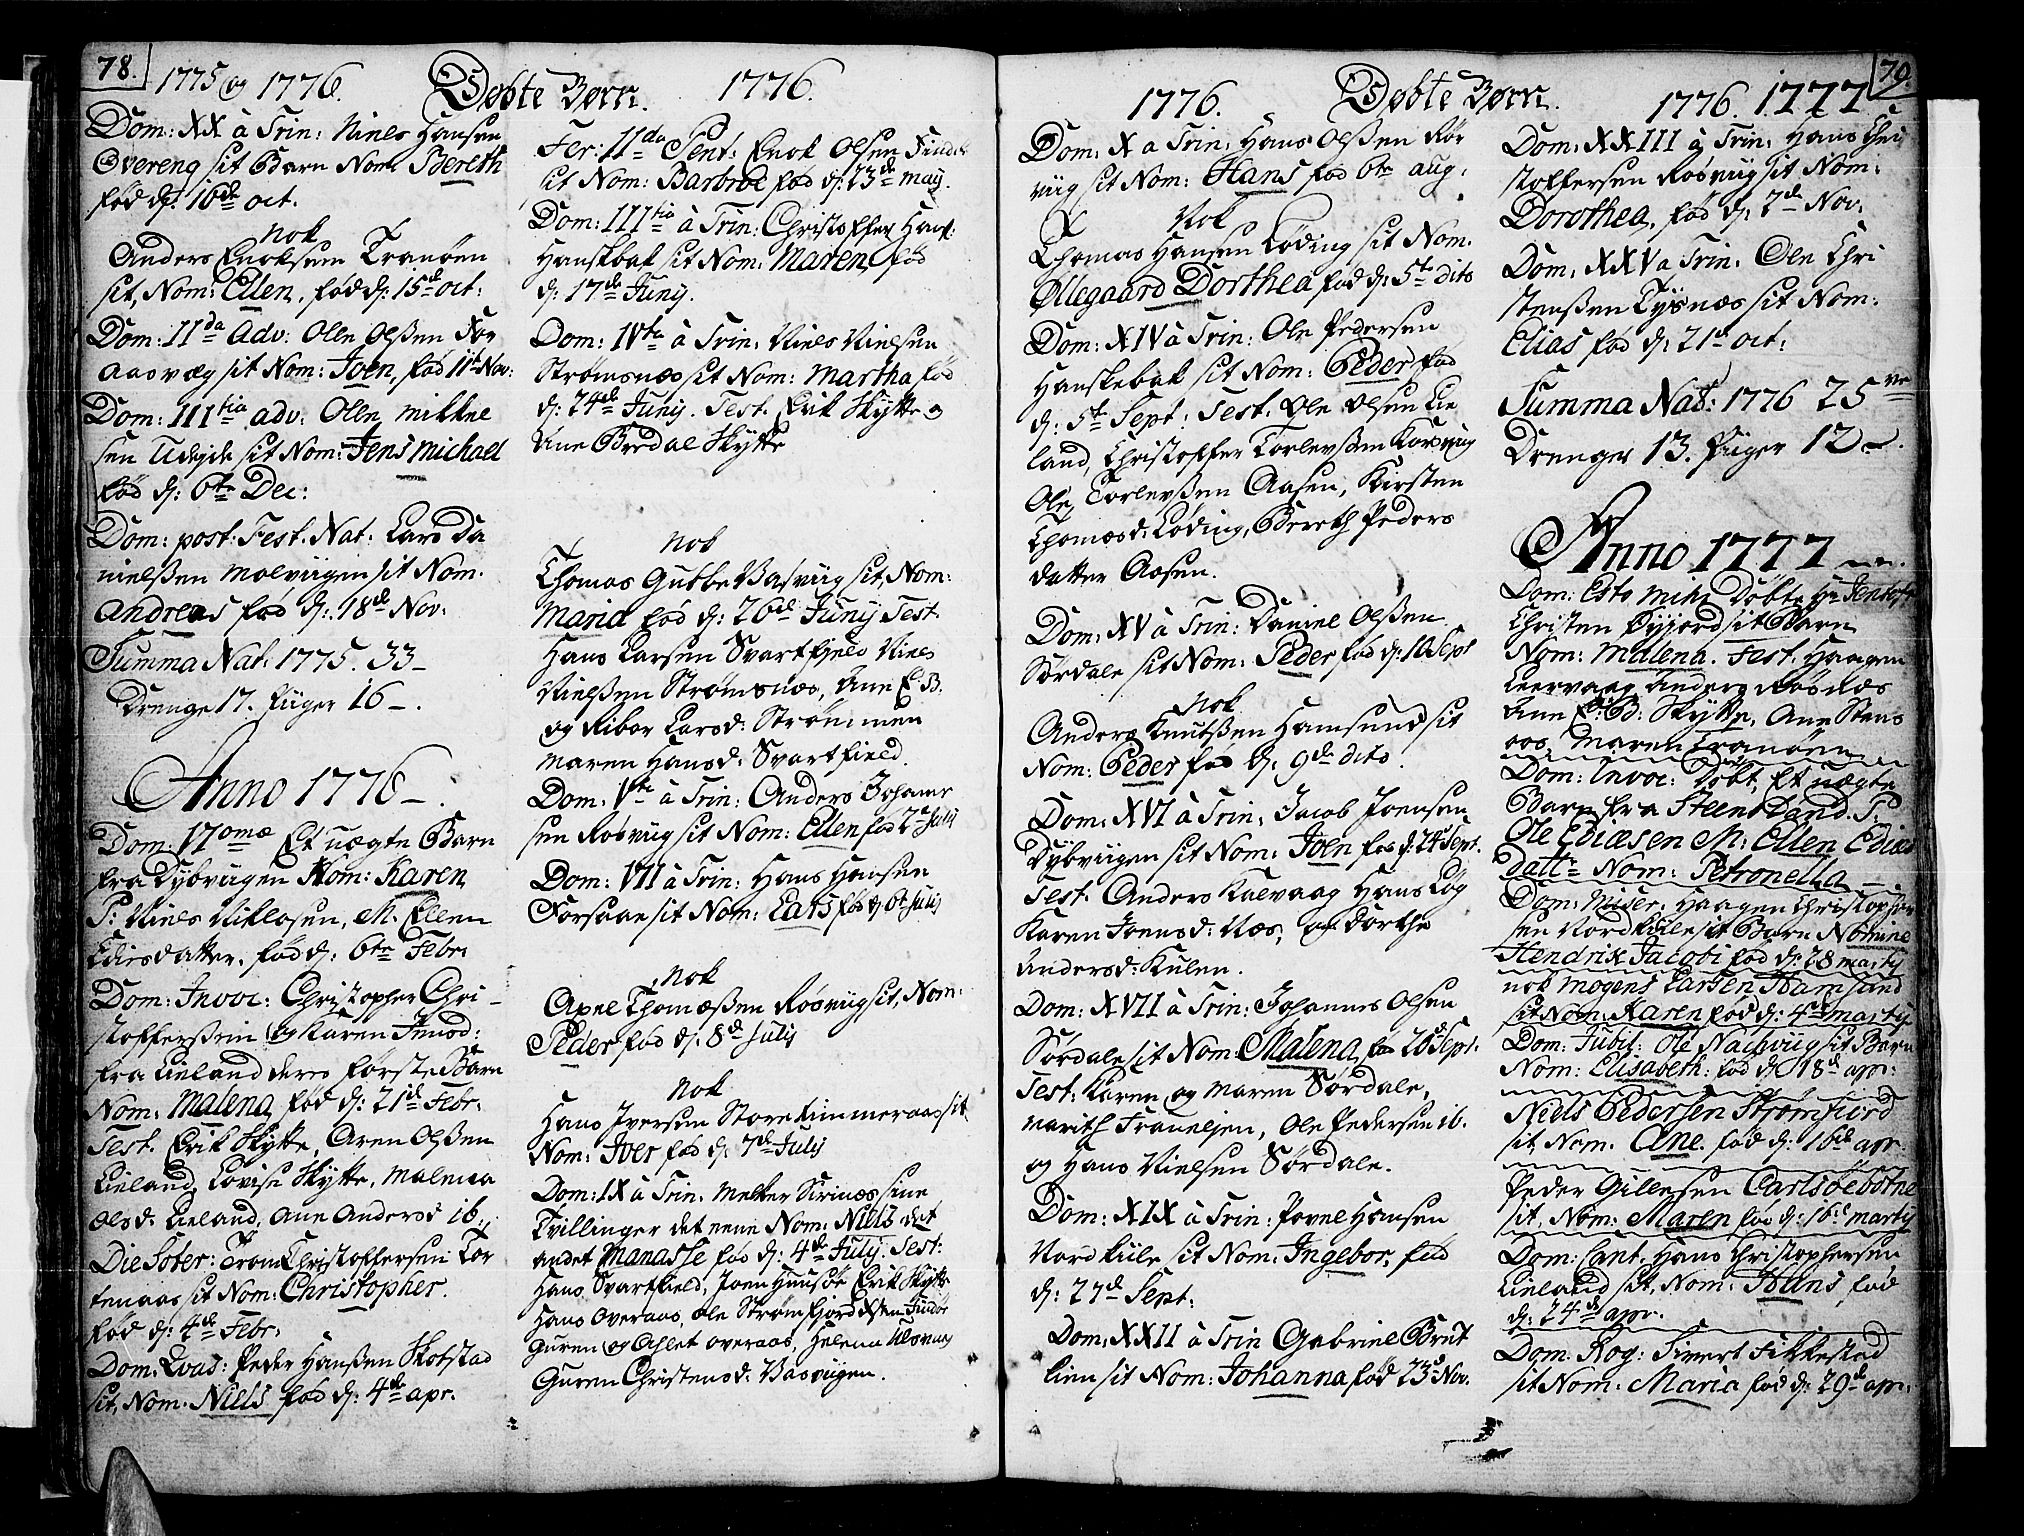 SAT, Ministerialprotokoller, klokkerbøker og fødselsregistre - Nordland, 859/L0841: Parish register (official) no. 859A01, 1766-1821, p. 78-79